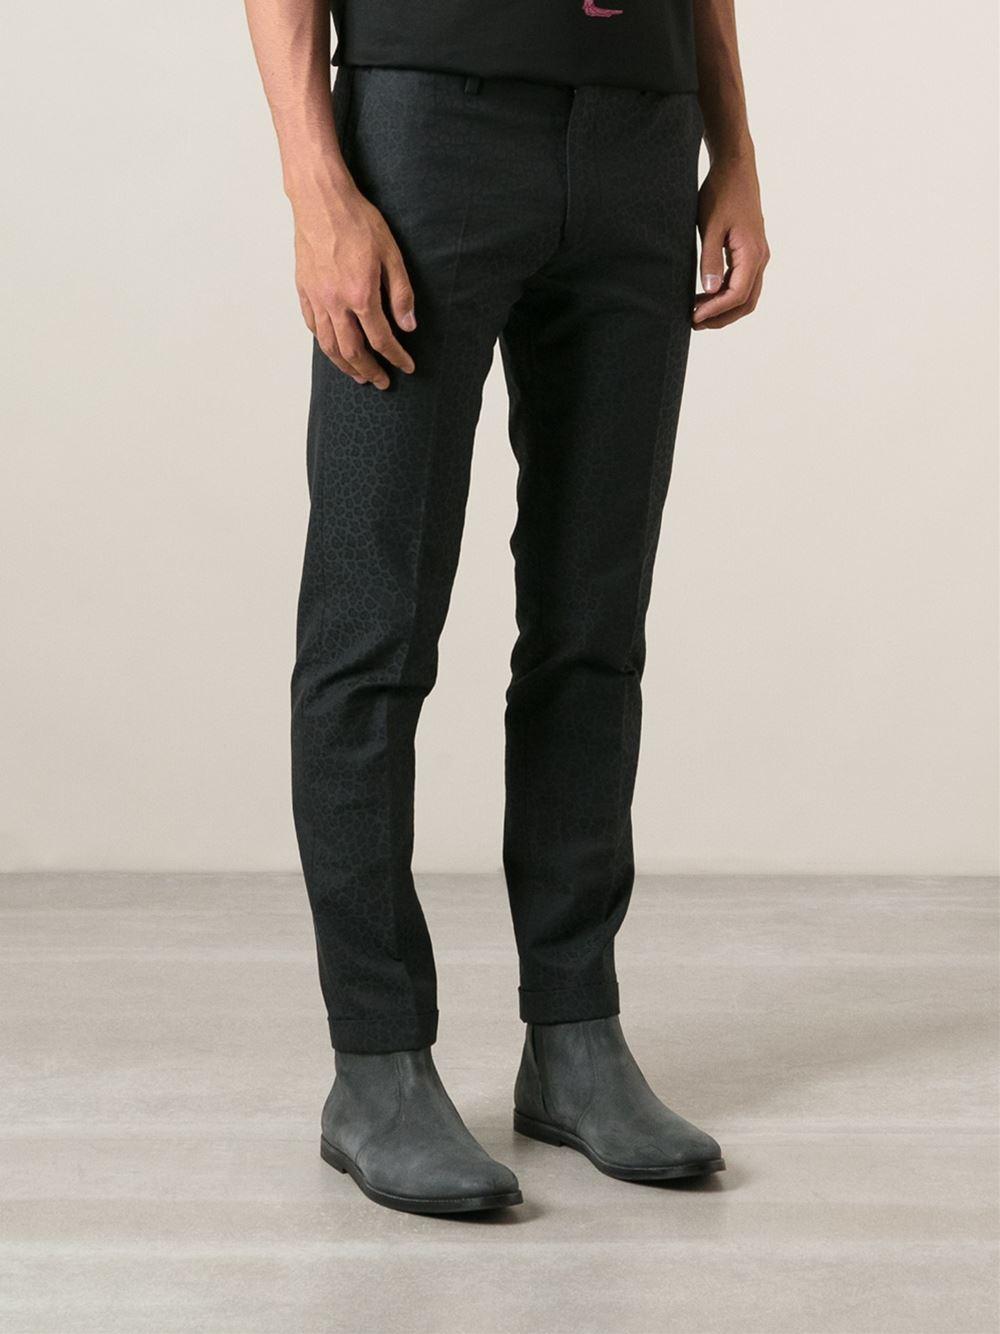 Paul Smith Leopard Pattern Slim Fit Trousers in Blue for Men